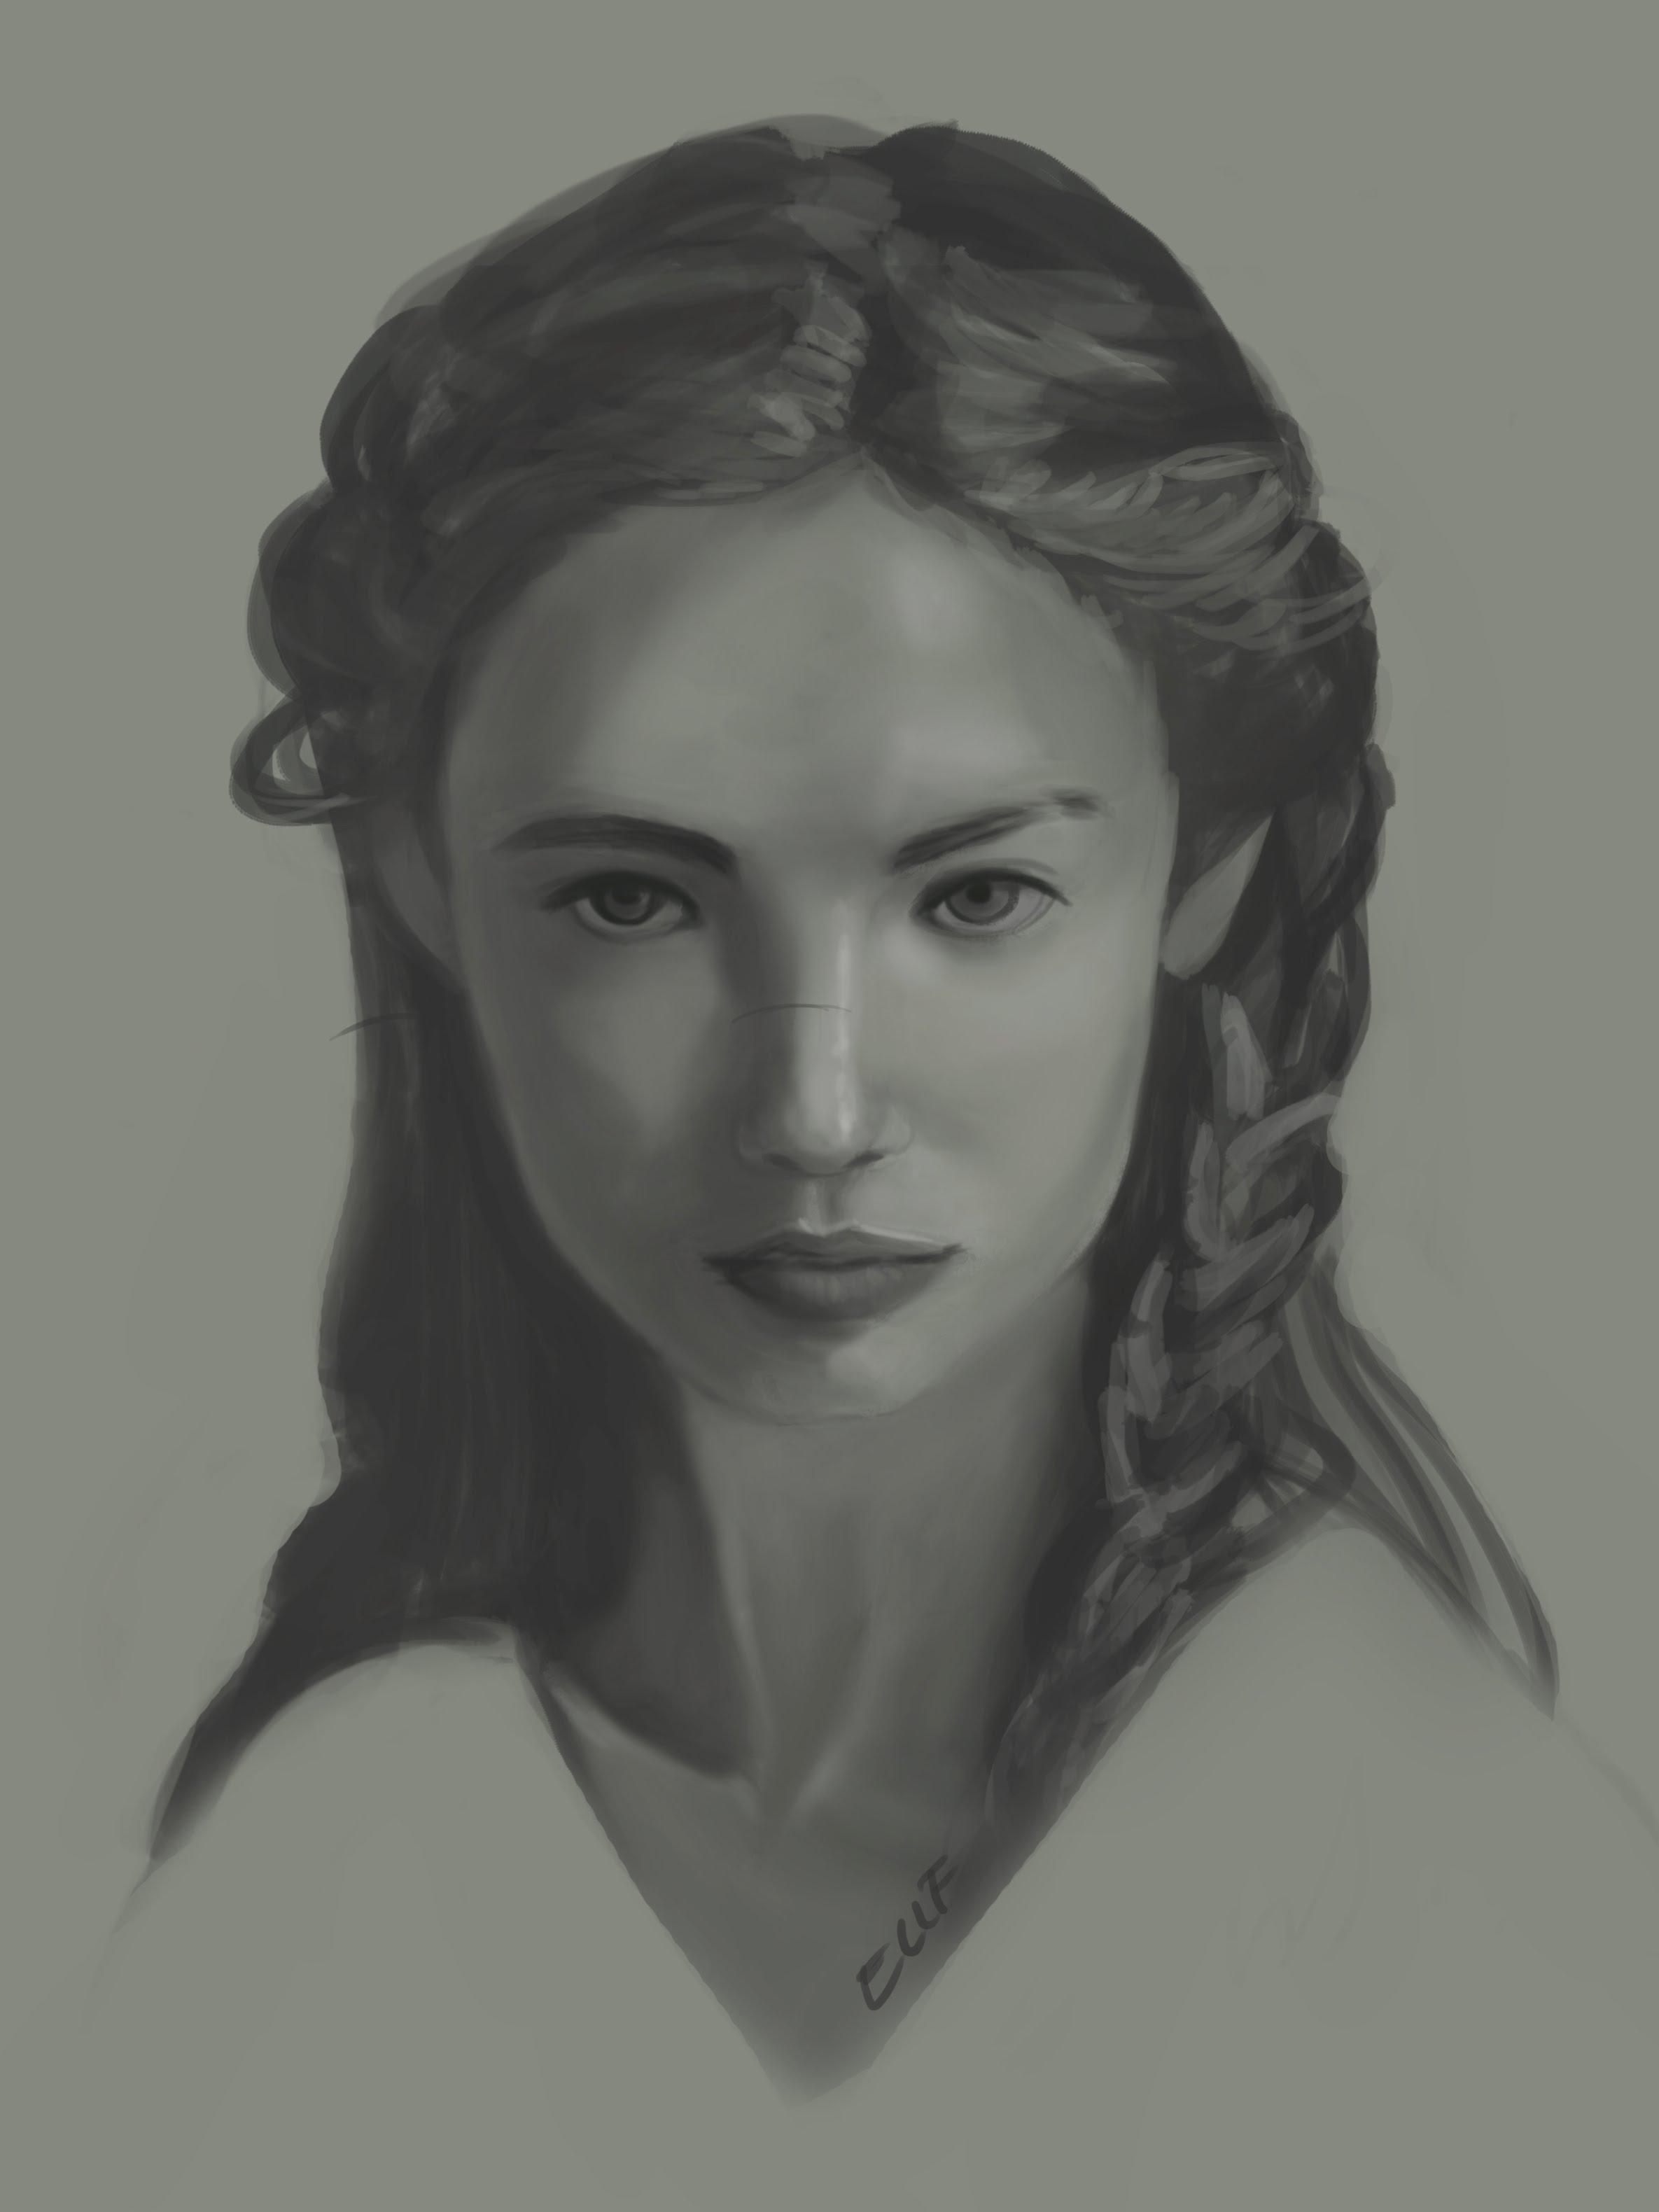 Speedpaint Portrait - Grayscale - YouTube